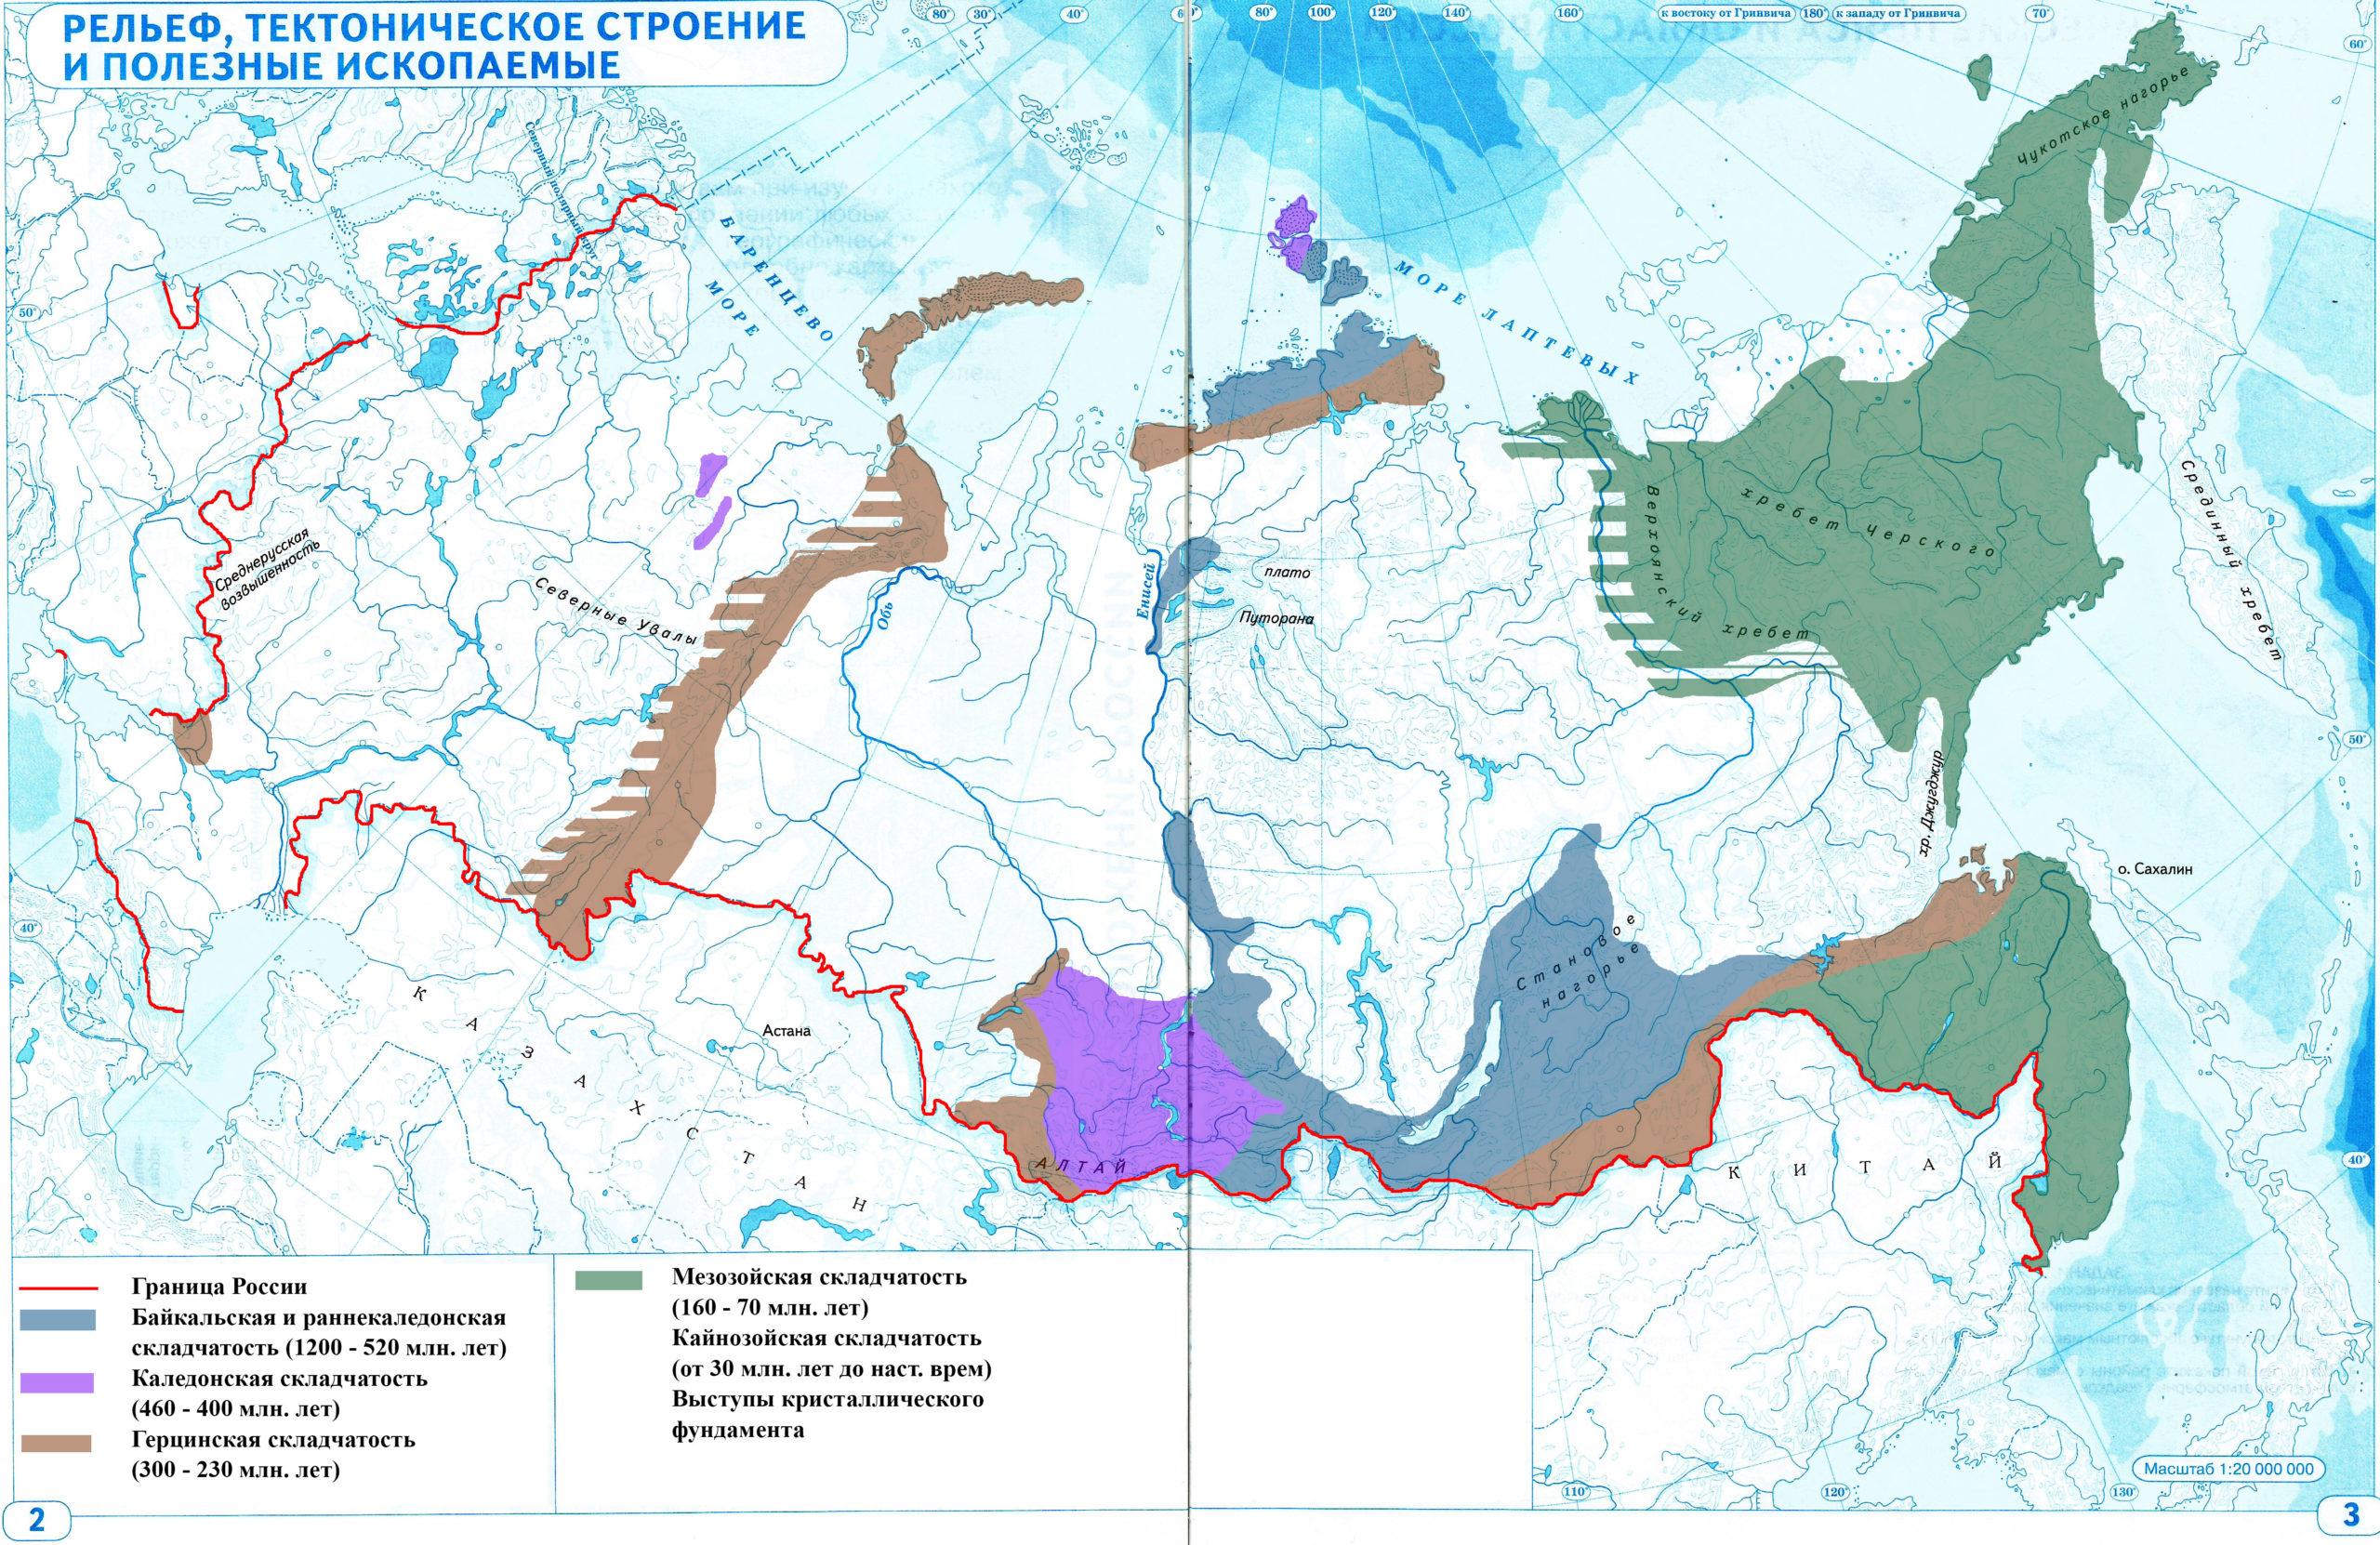 Страница 2 - 3. Рельеф, тектоническое строение и полезные ископаемые - Контурные карты по географии. 8 класс. Дрофа